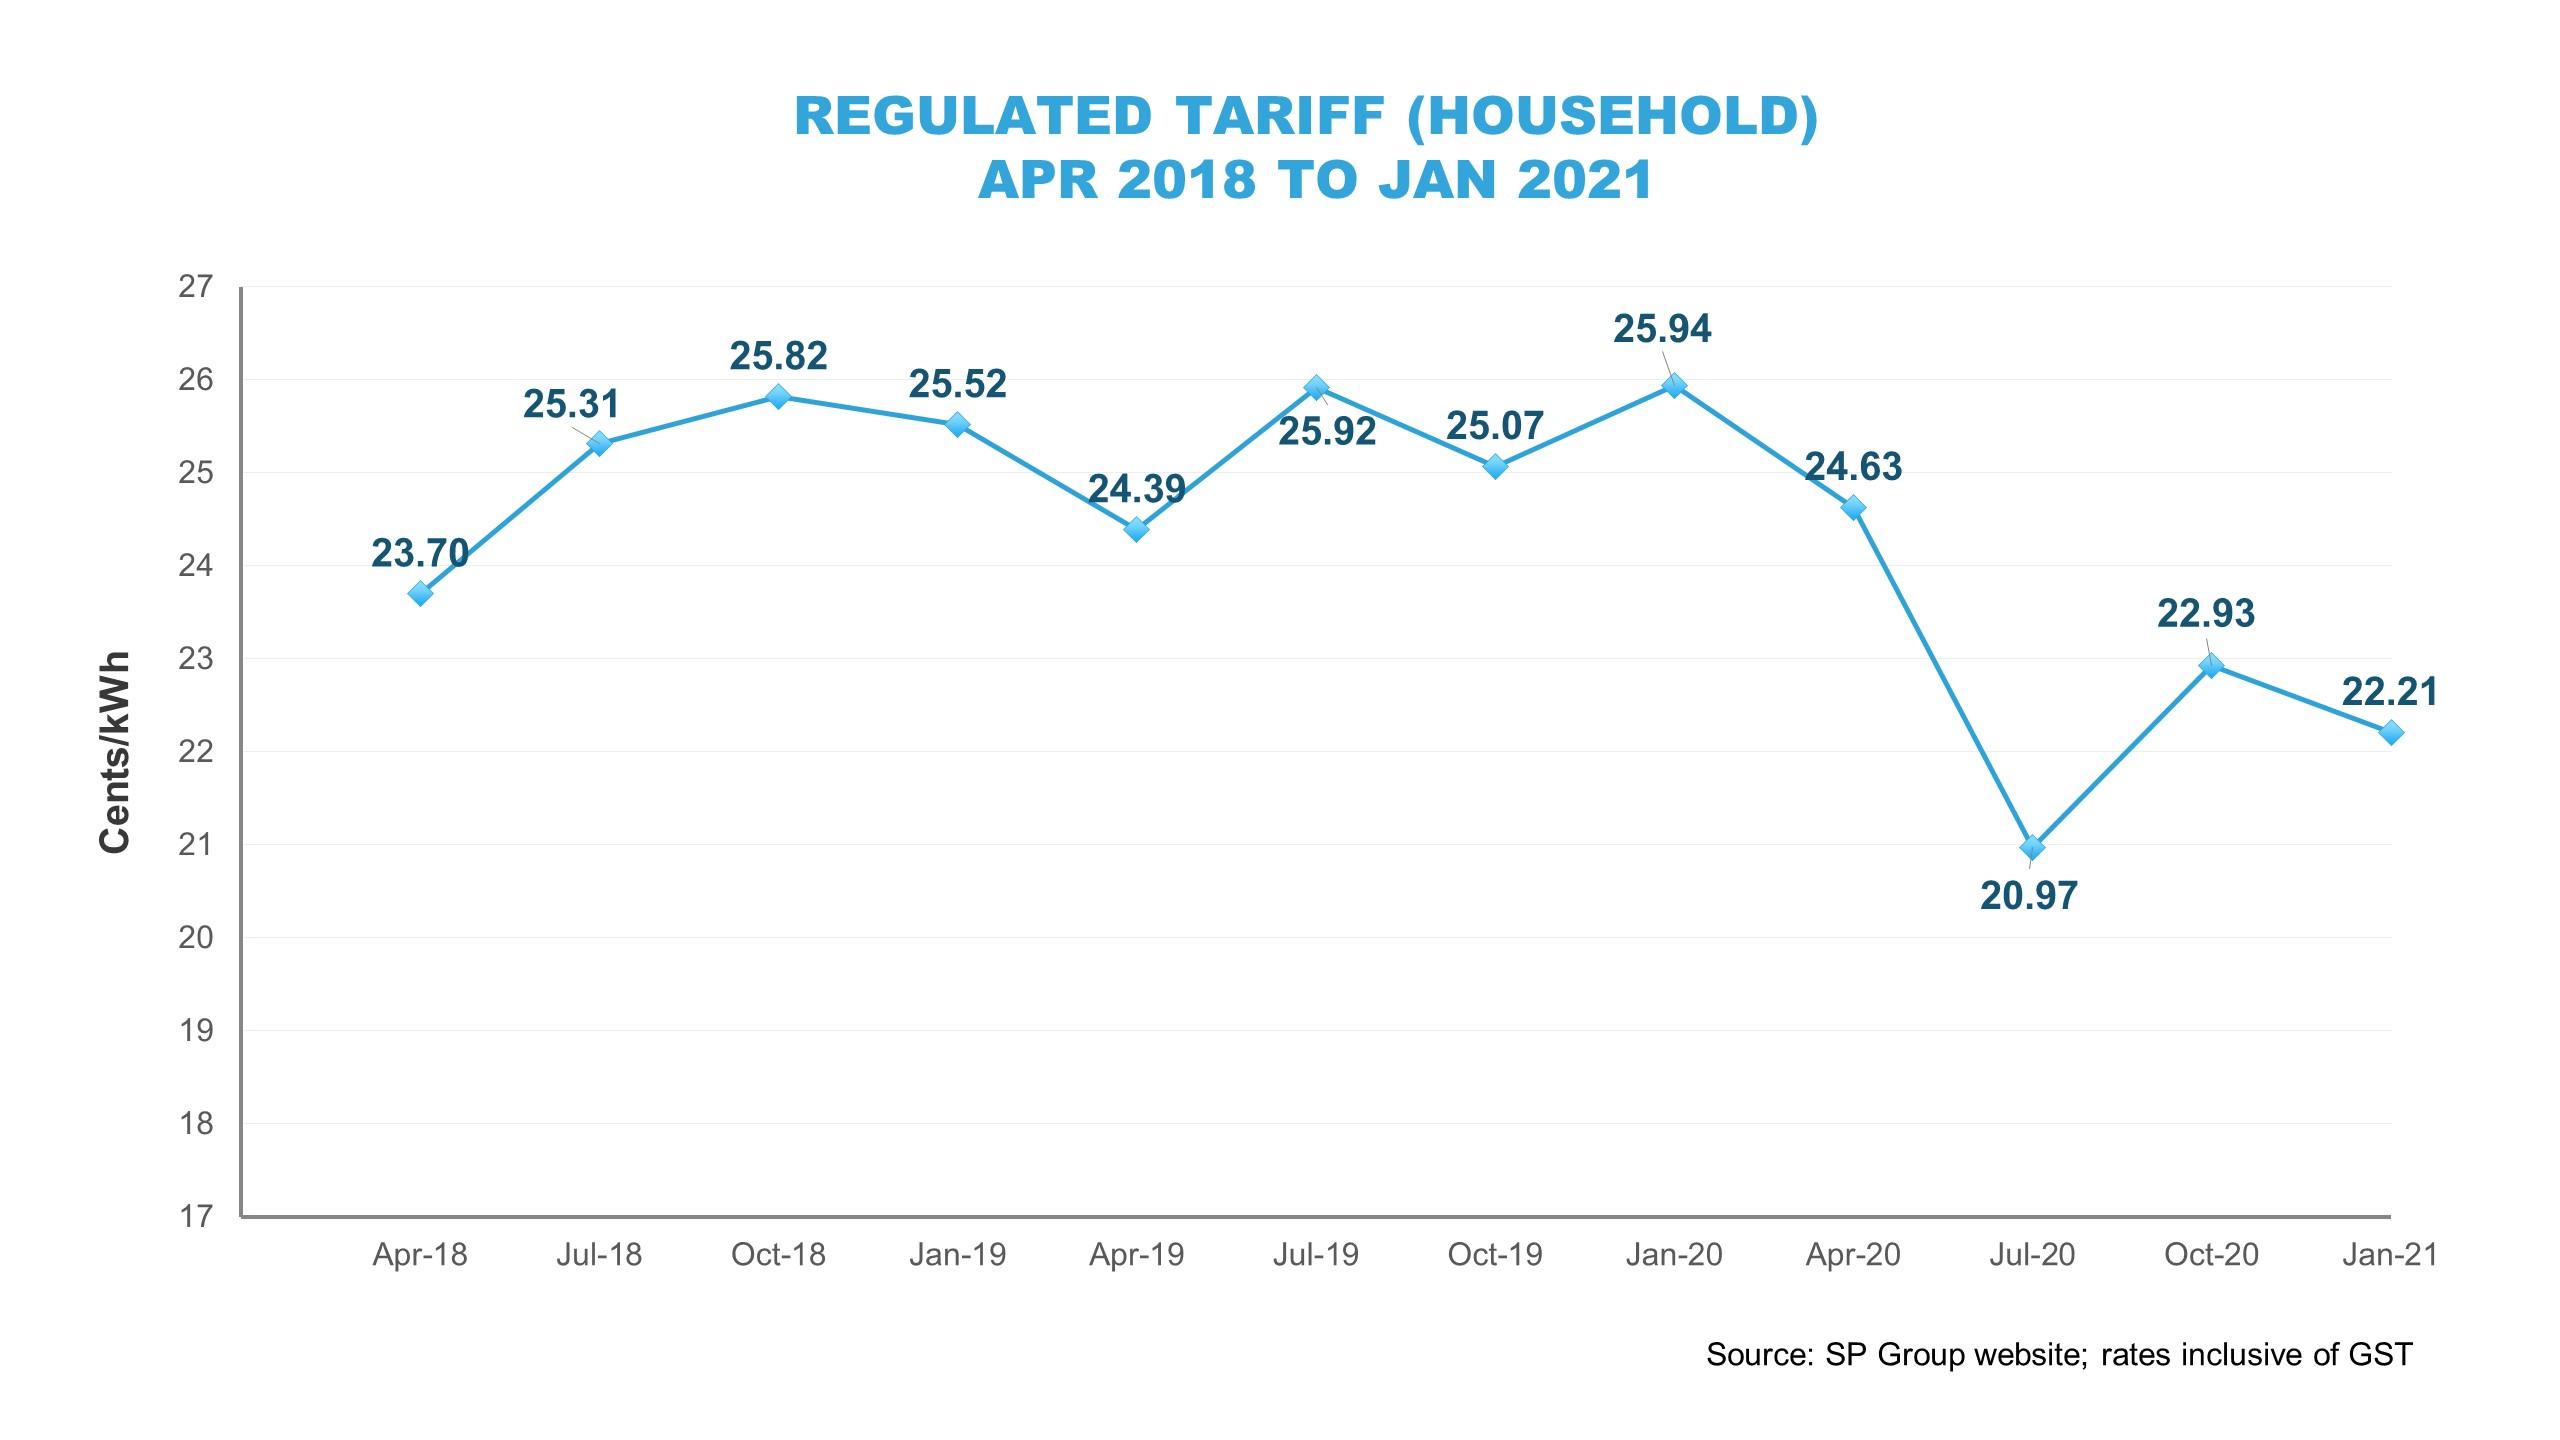 Regulated Tariff